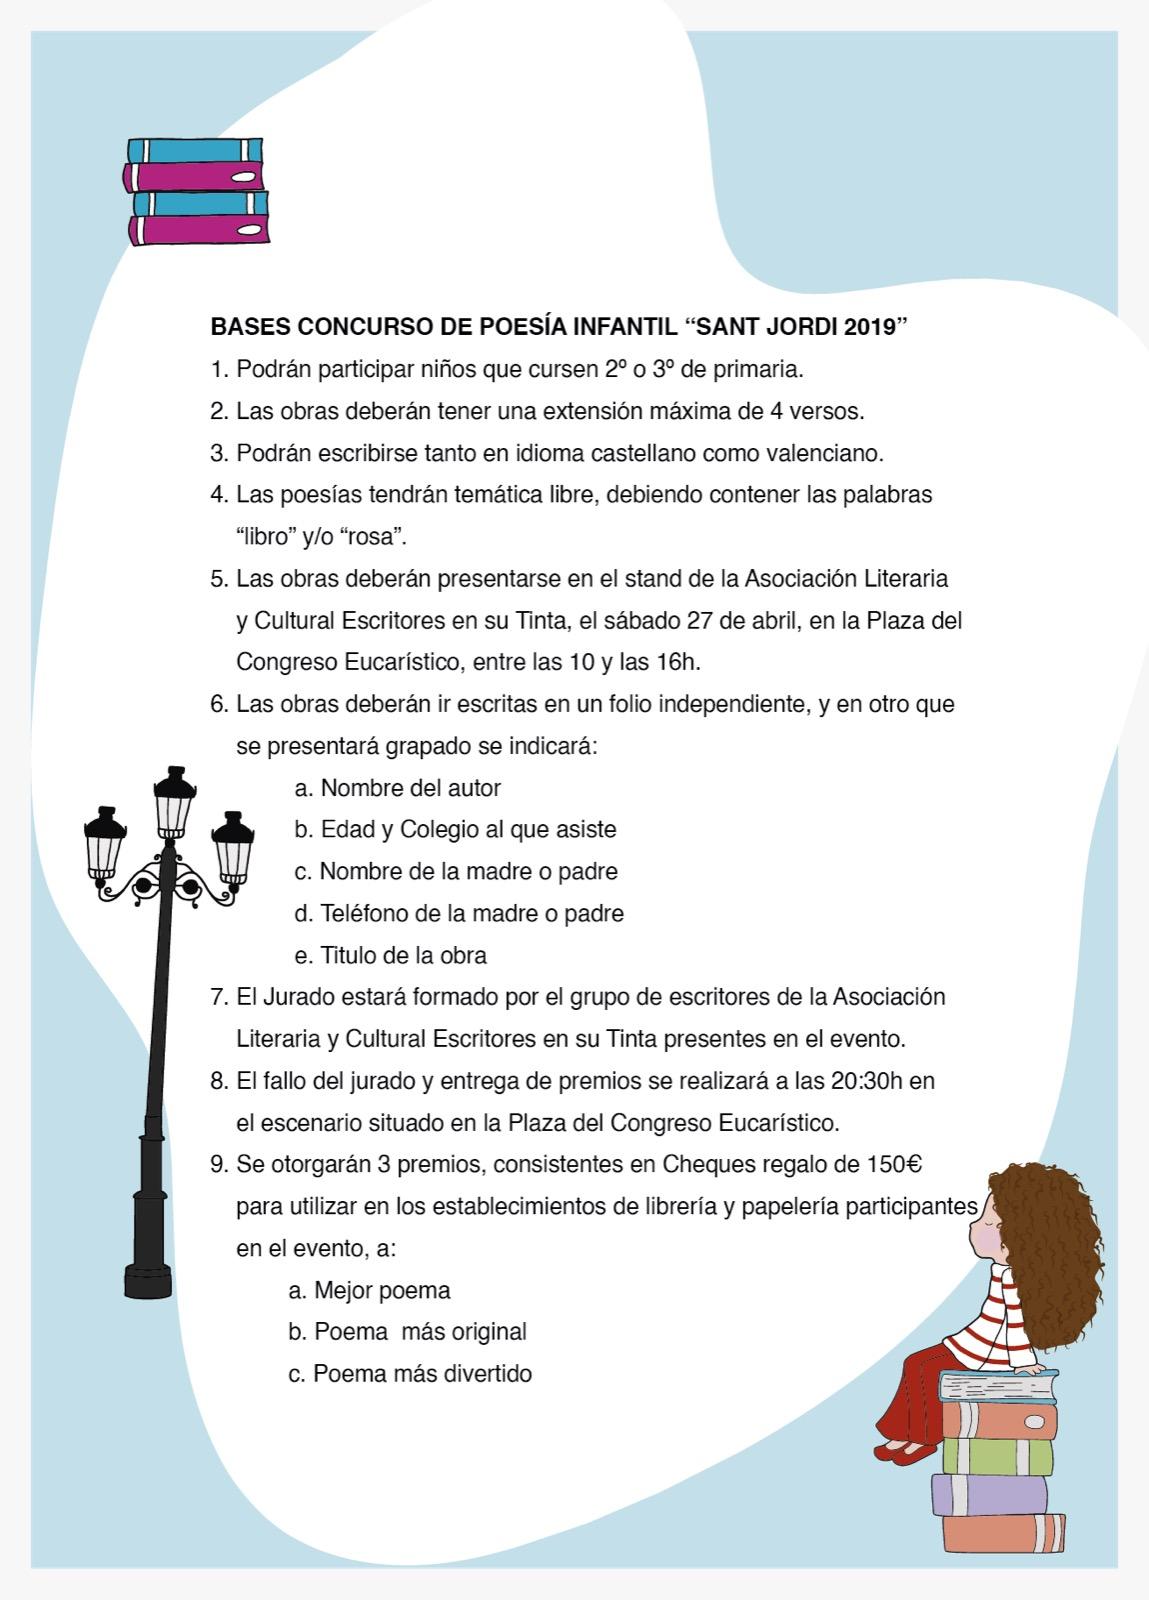 Concurso de poesía infantil Sant Jordi 2019